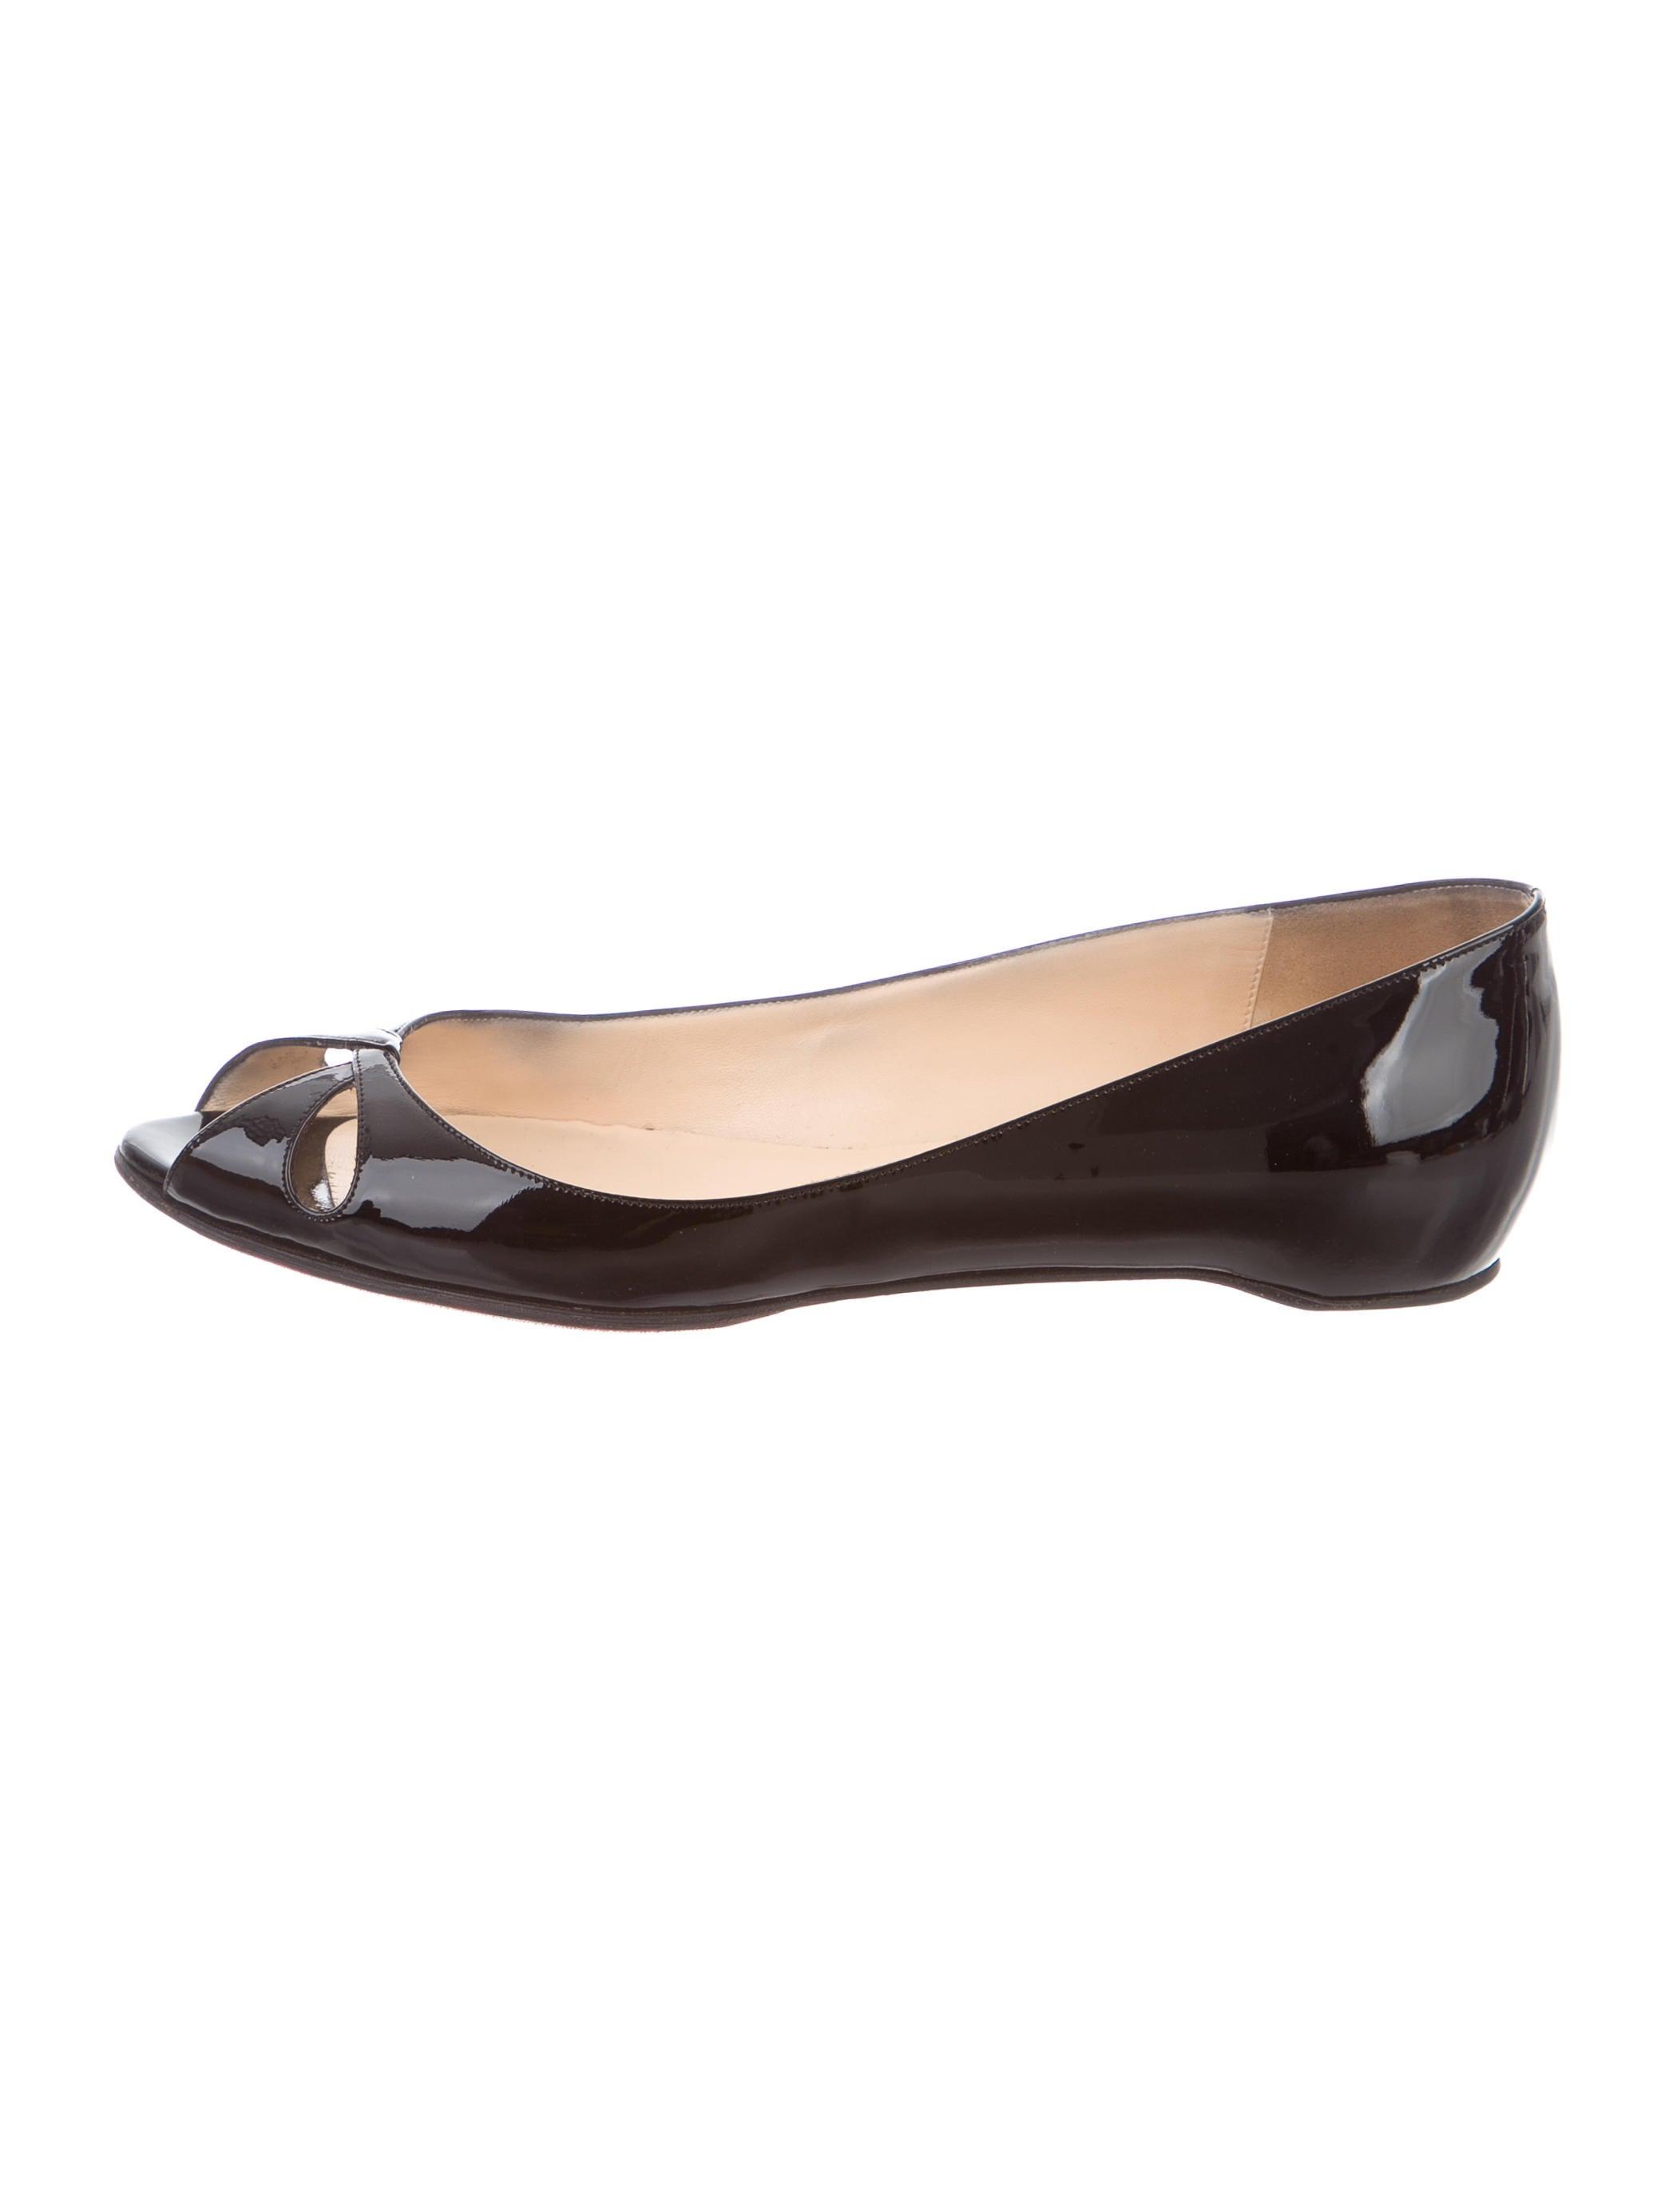 6b8270de5641 Christian Louboutin Teresa Peep-Toe Flats - Shoes - CHT60613